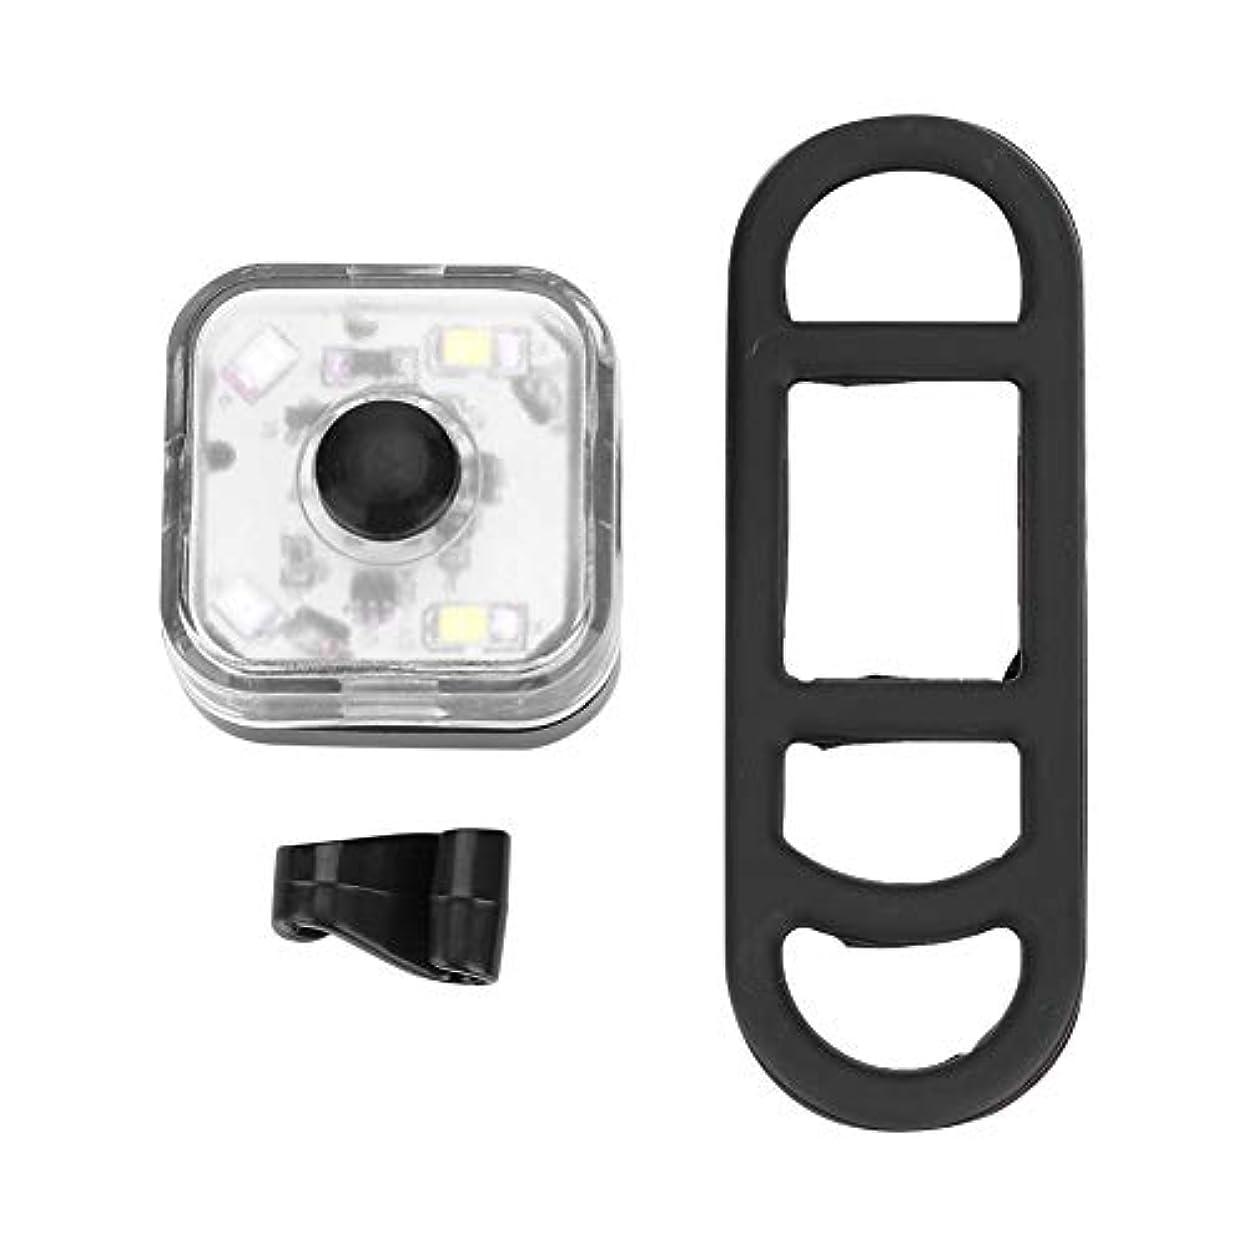 カセットオークランド二多用途 ミニLEDサイクリングフロントライトヘッドライトバイクテールライトリアライト3照明モードランニングウォーキングジョギングバックパック安全性警告懐中電灯超高視認夜間反射